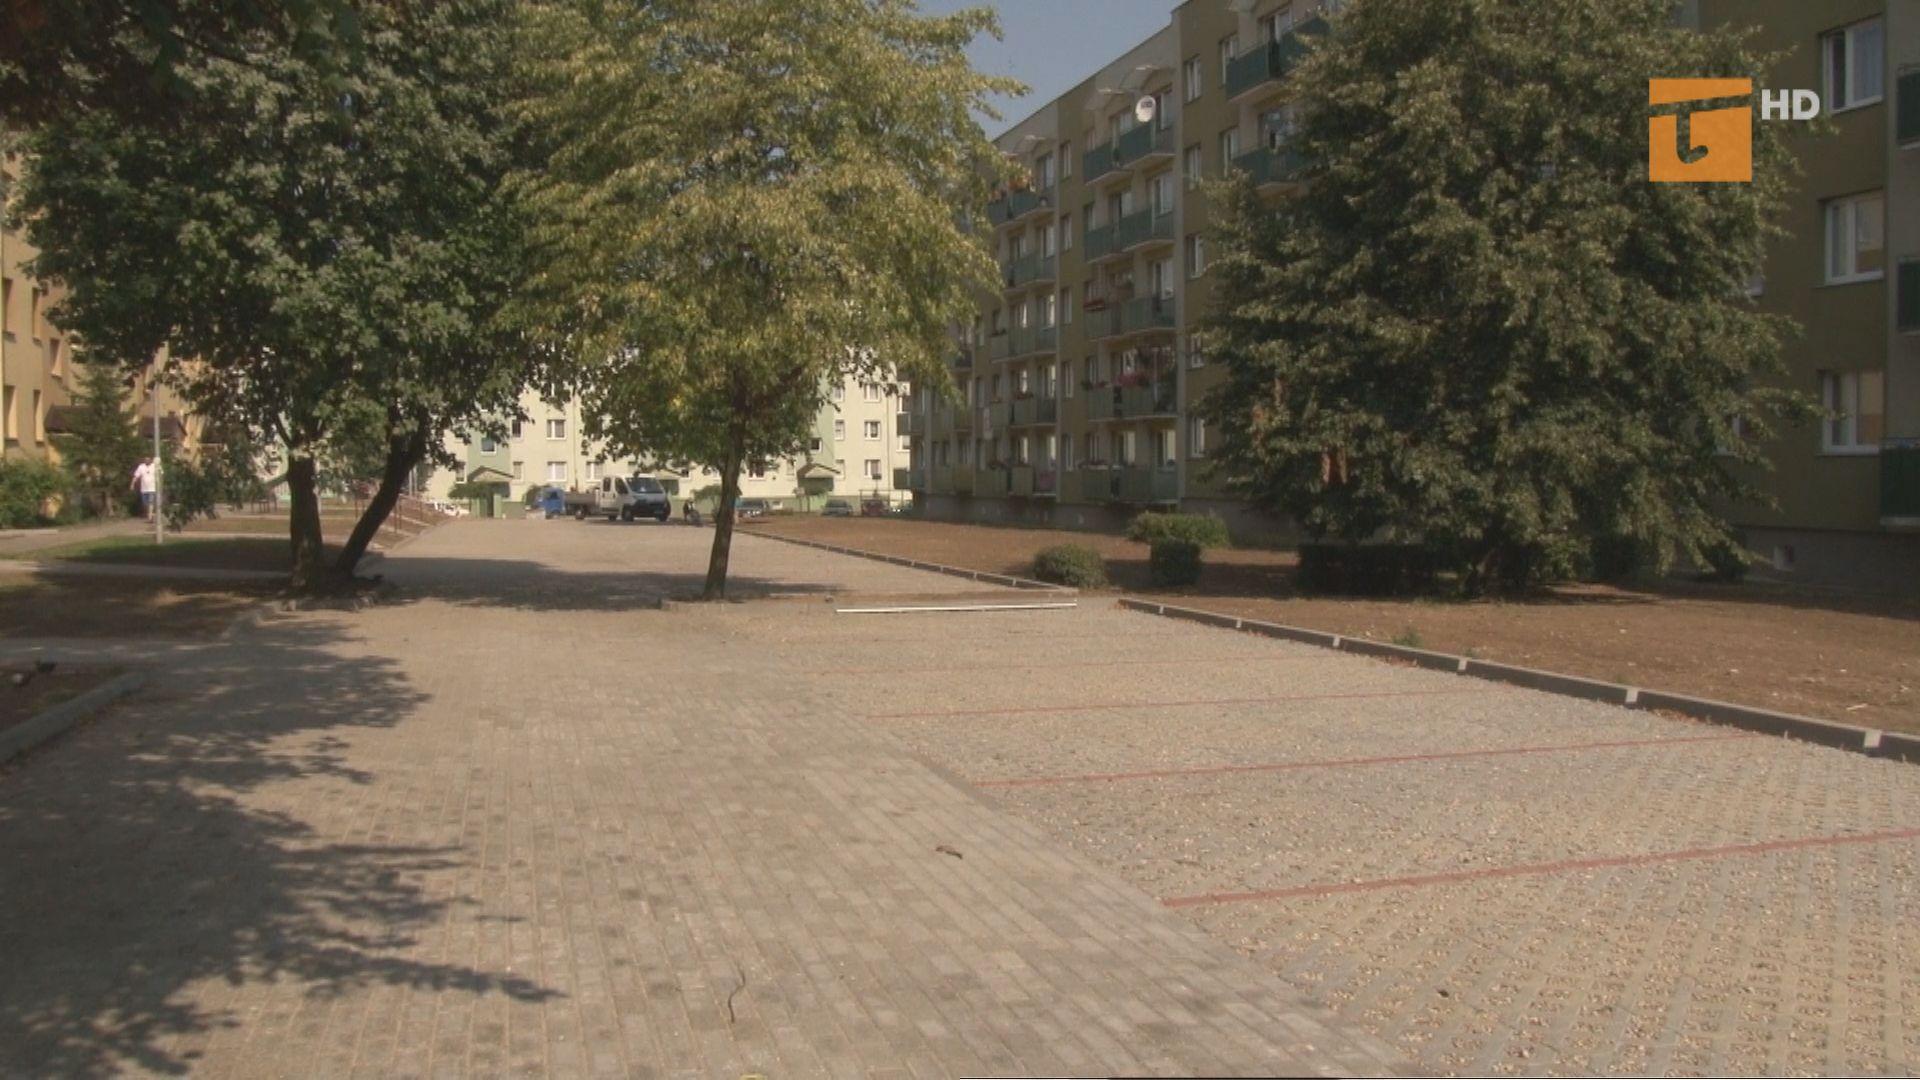 Spółdzielnia mieszkaniowa ukończyła prace związane z budową nowego parkingu osiedlowego